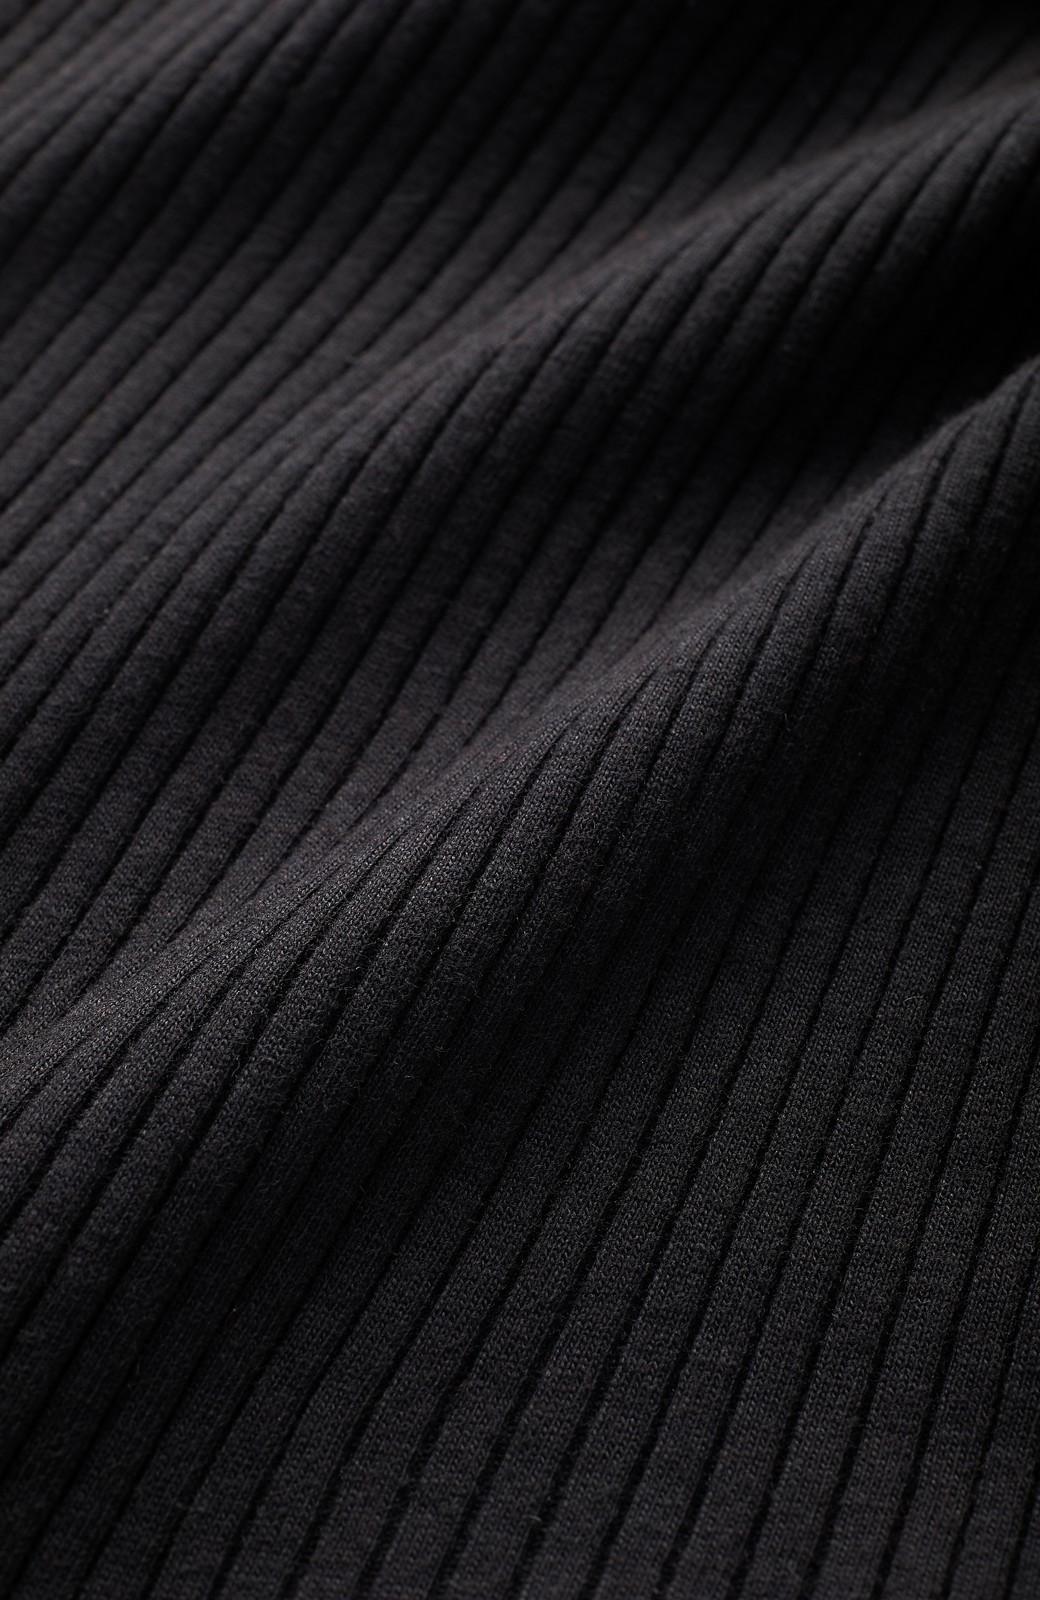 エムトロワ ひとクセ袖の上にも着られる!UVカット&吸水速乾素材のドルマン風カーディガン <ブラック>の商品写真3